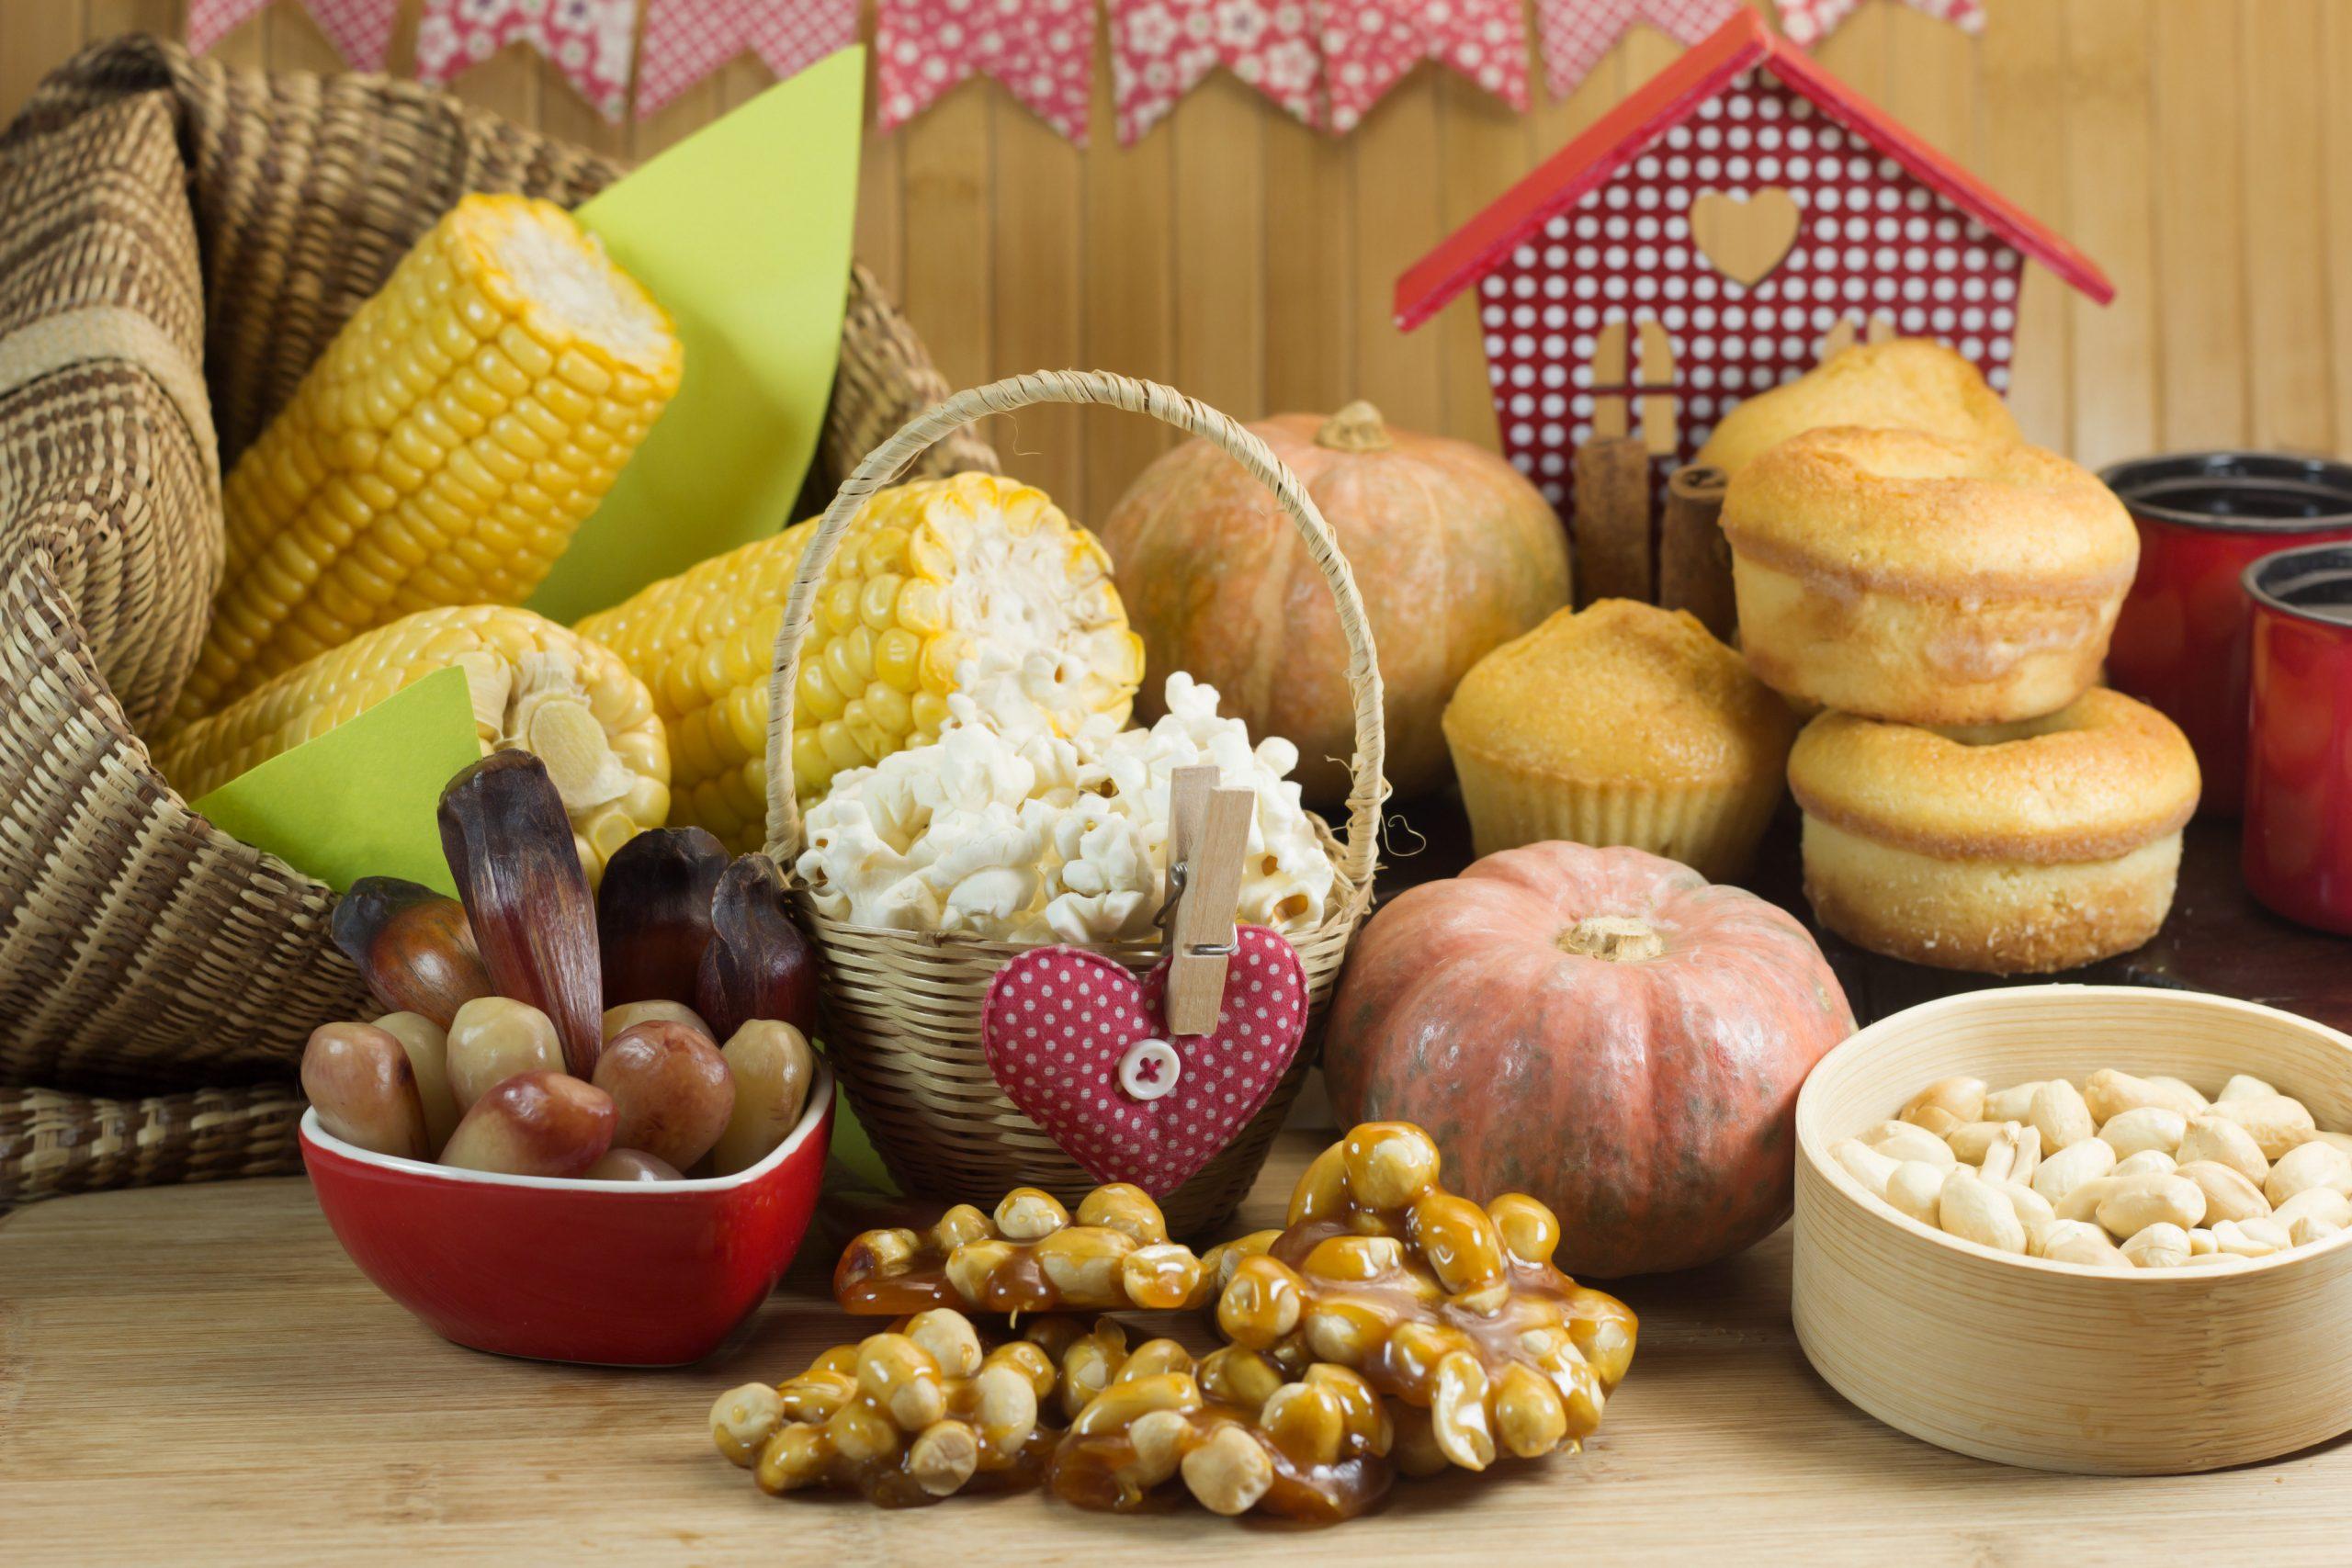 comidas típicas podem servir de enfeites para festa junina